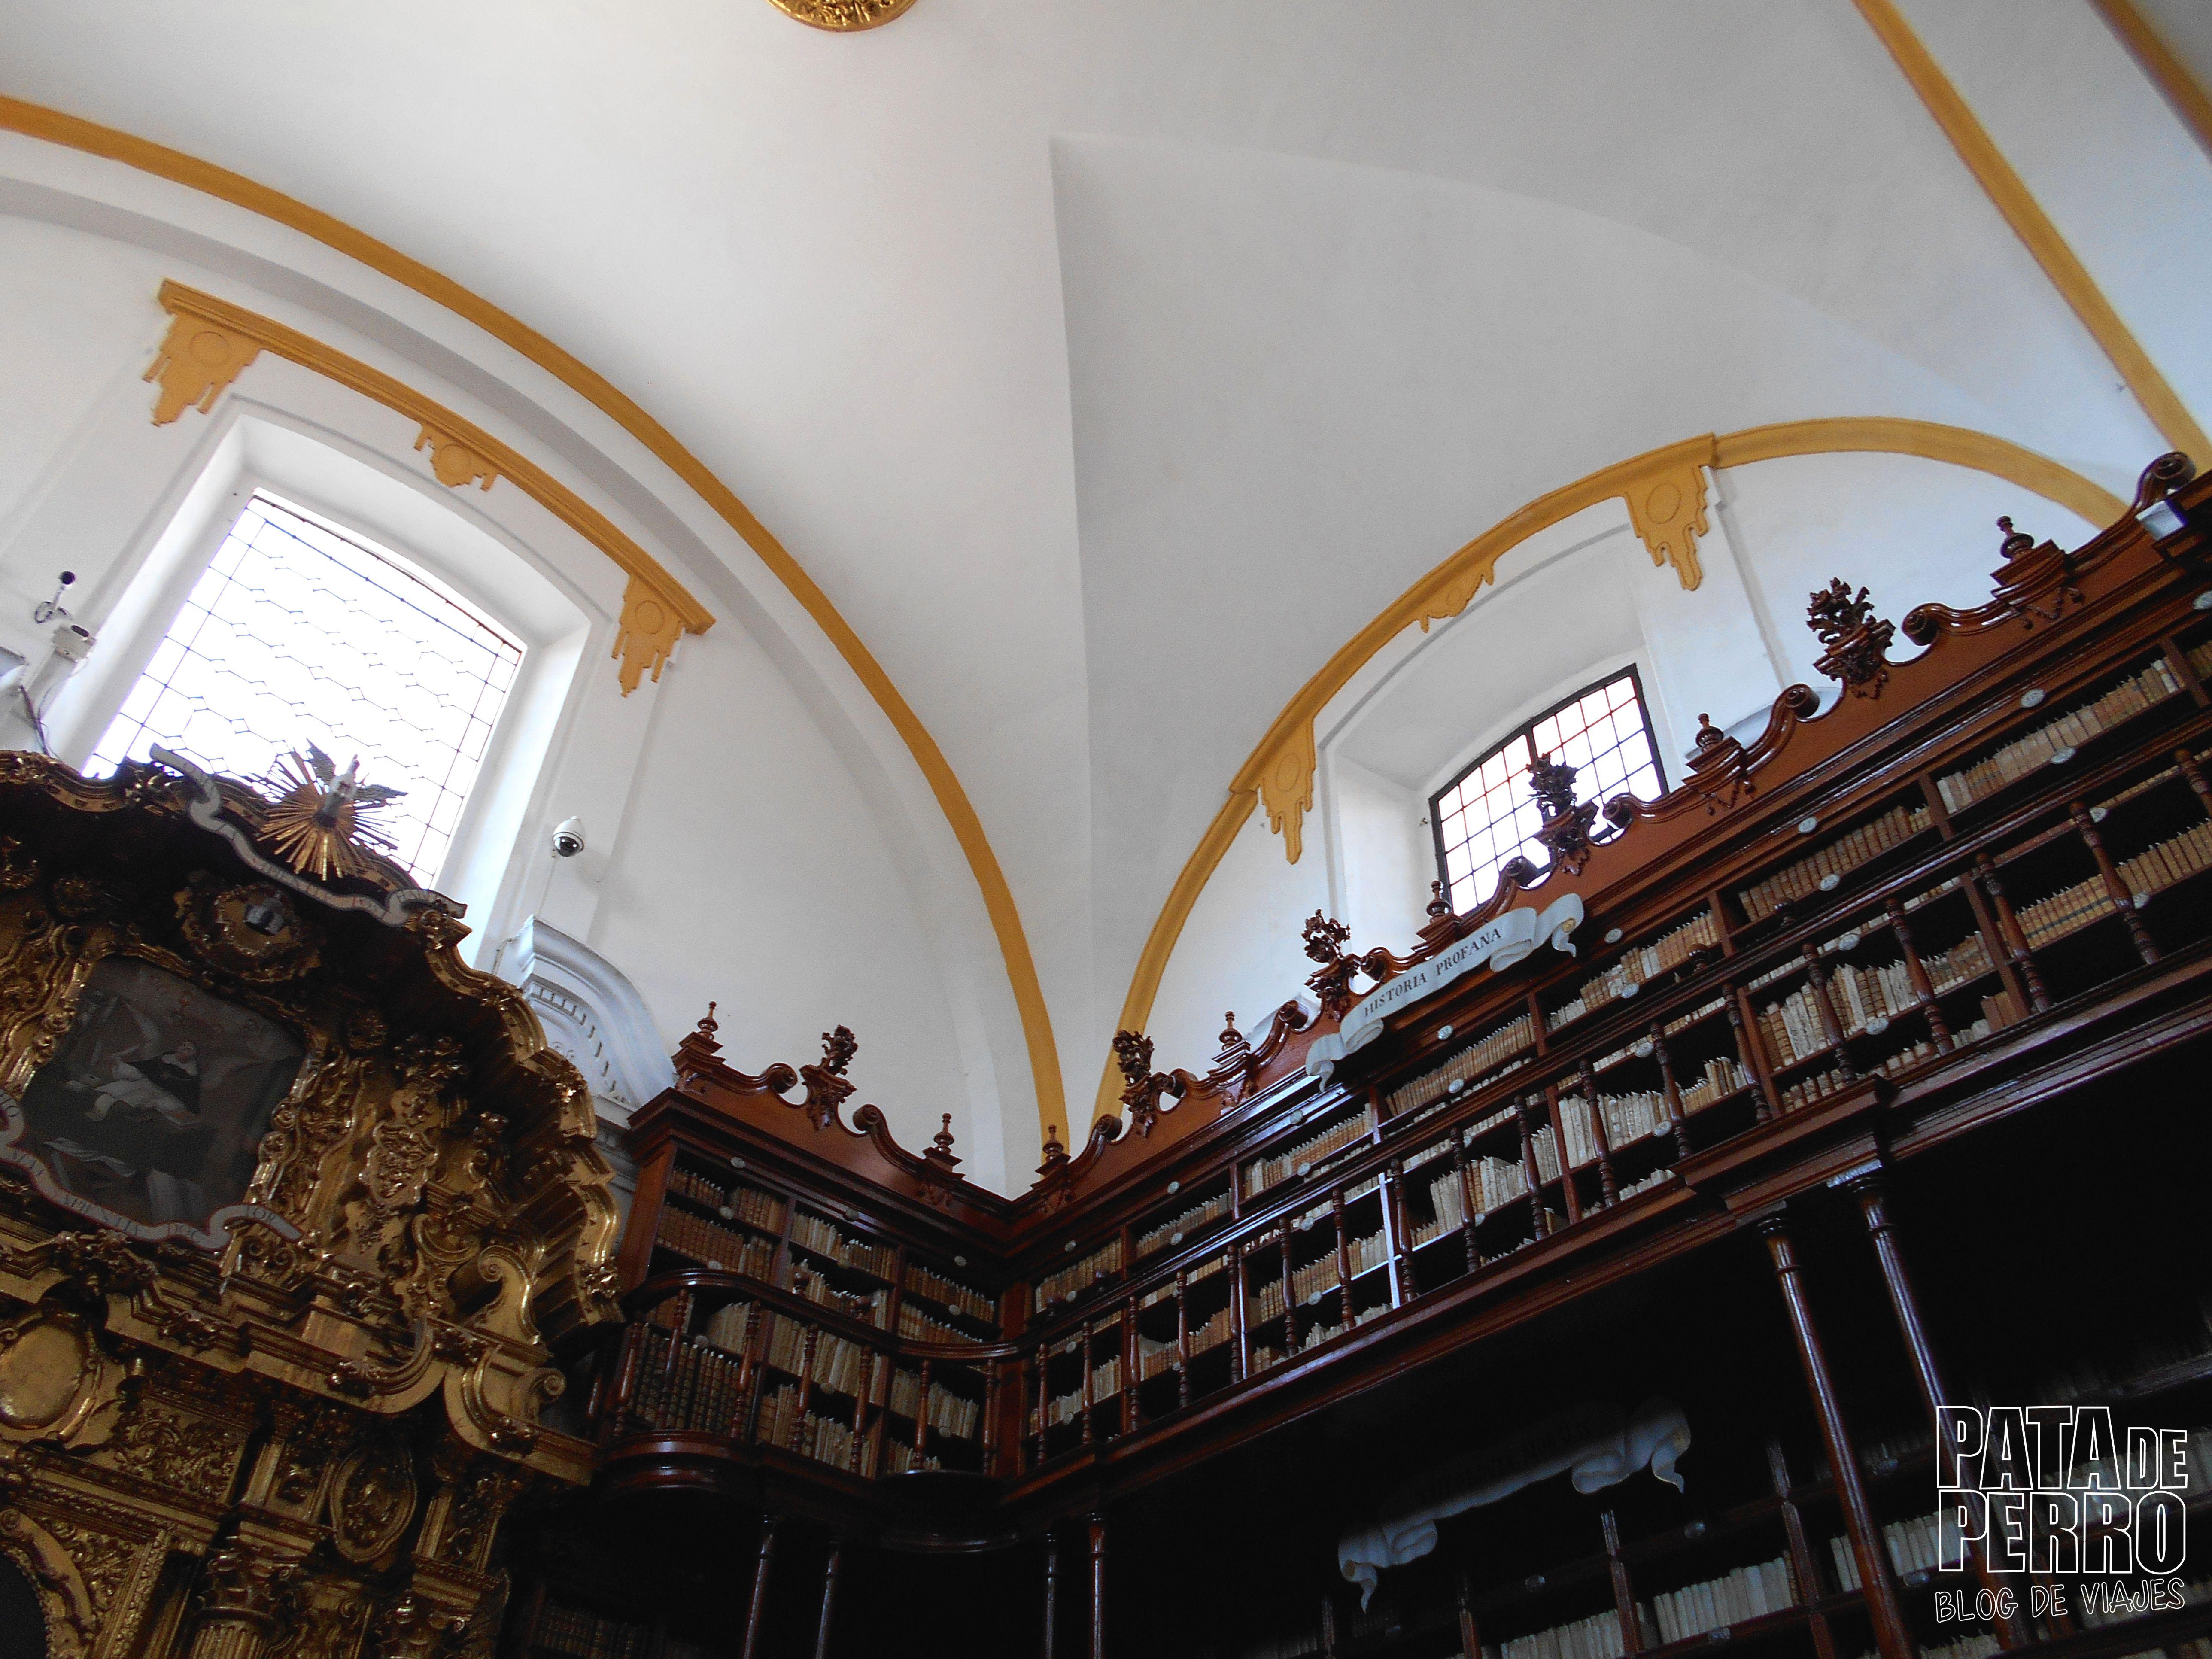 biblioteca-palafoxiana-la-primera-biblioteca-publica-de-america-pata-de-perro-blog-de-viajes-puebla-mexico-06